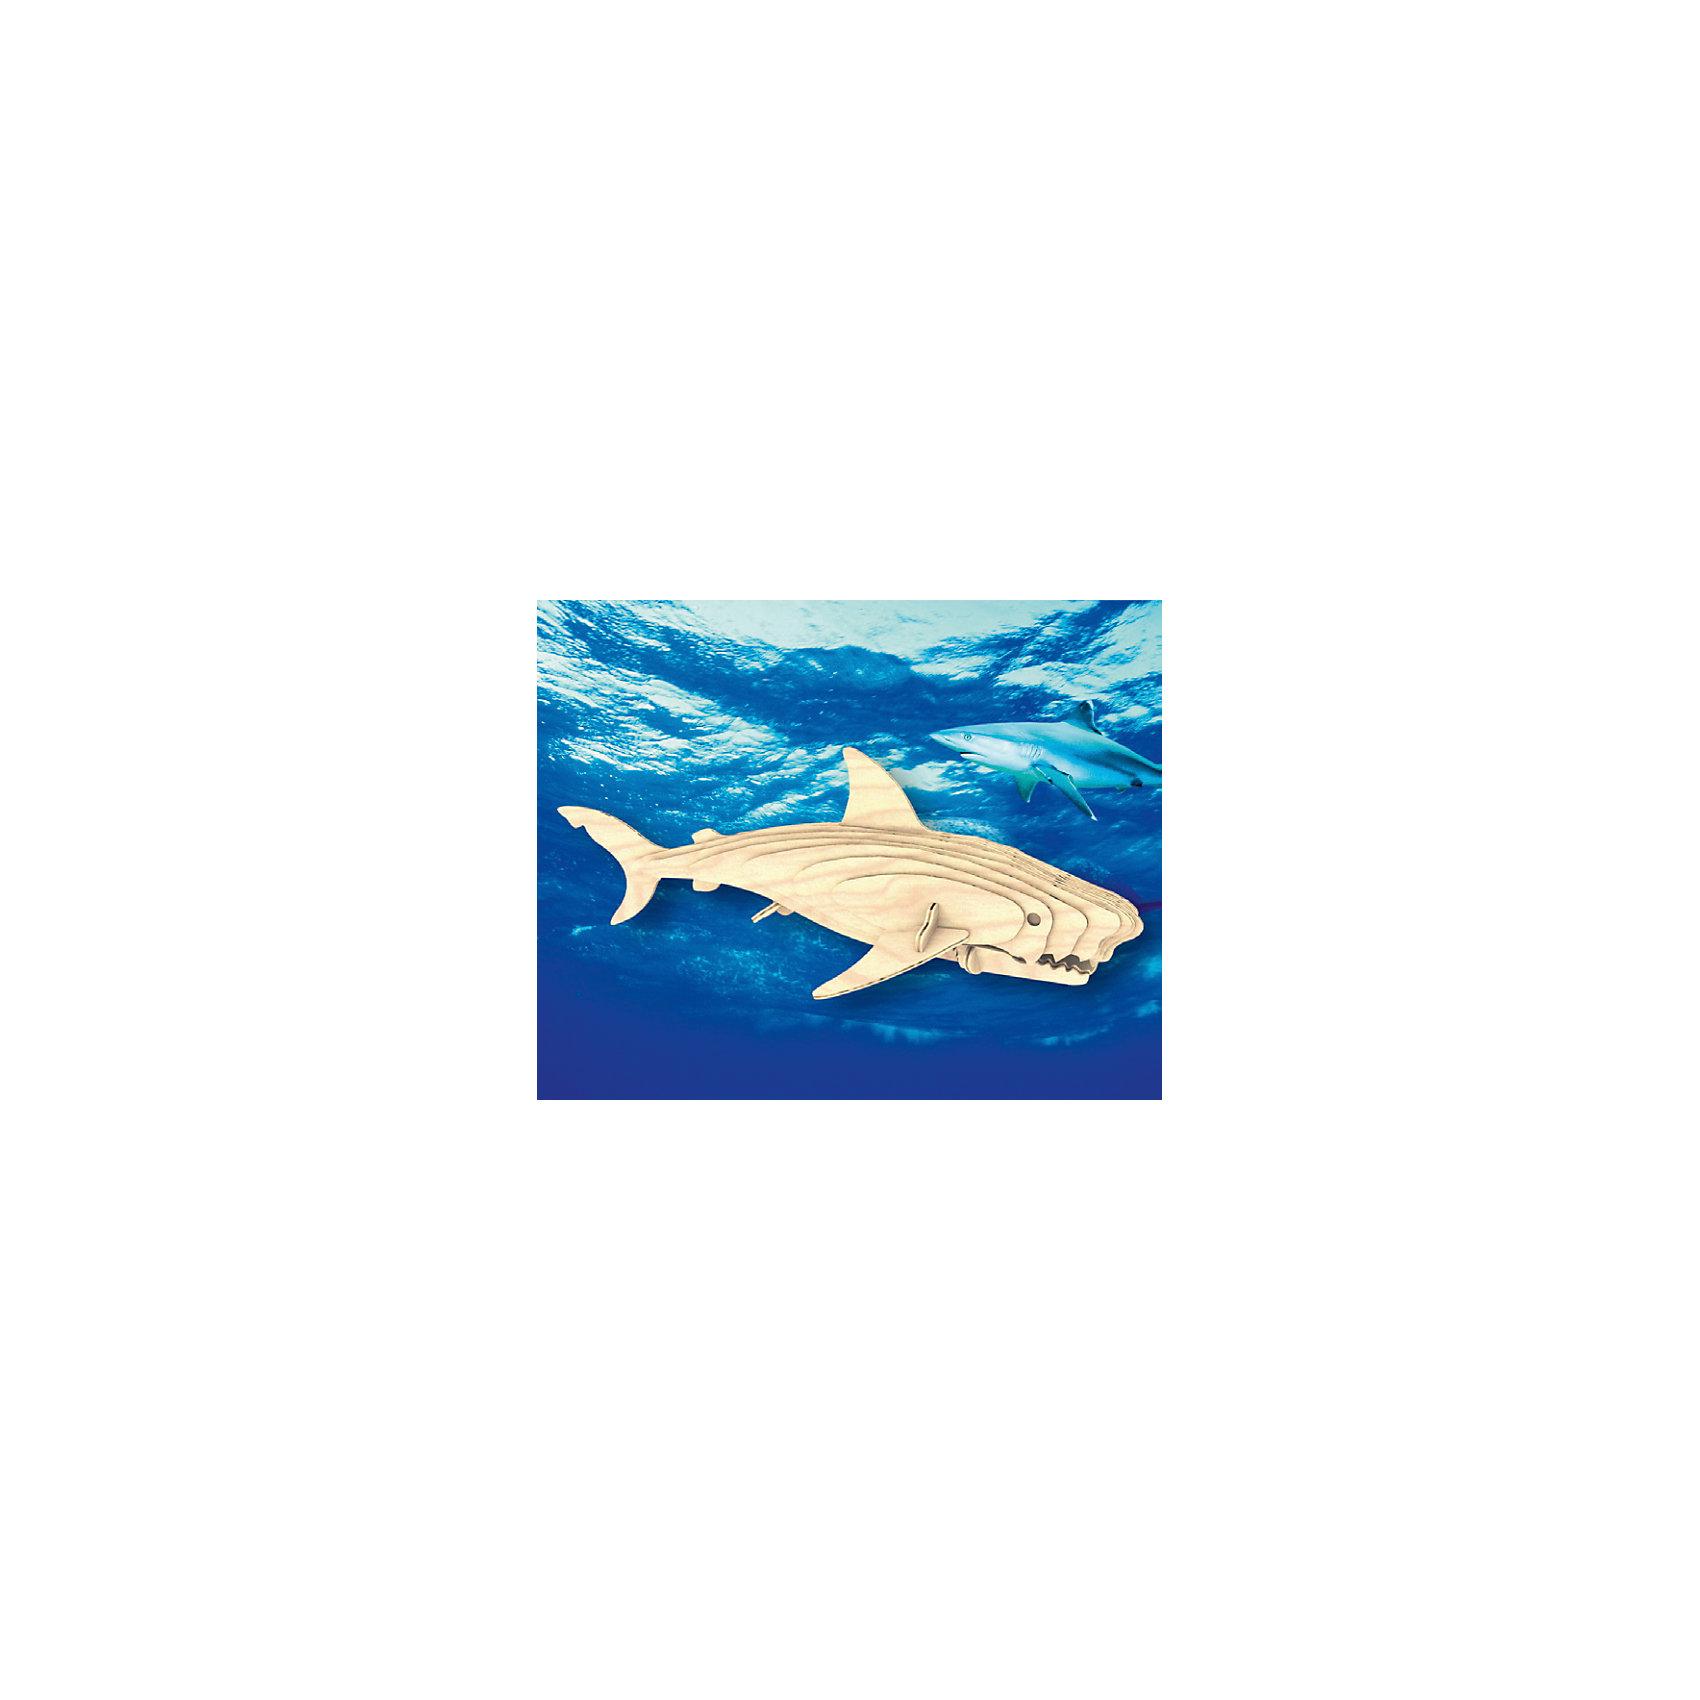 МДИ Белая акула, Мир деревянных игрушек конструкторы мир деревянных игрушек мди белая акула